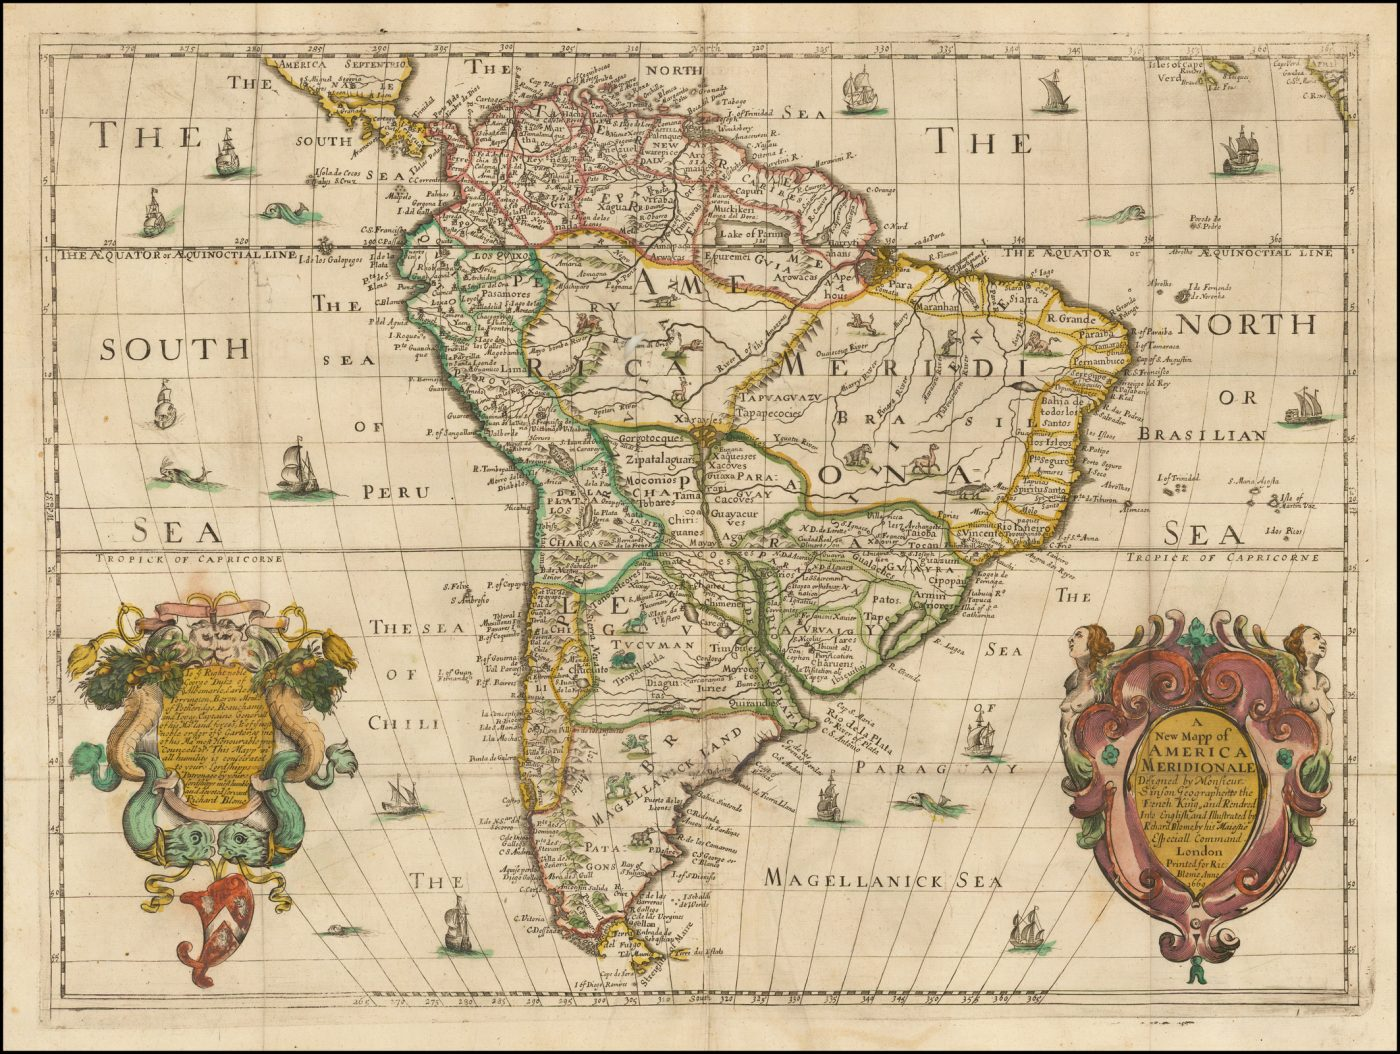 Редкая карта Южной Америки Ричарда Блома размером с фолиант, которая была выгравирована в Англии в 1669 году